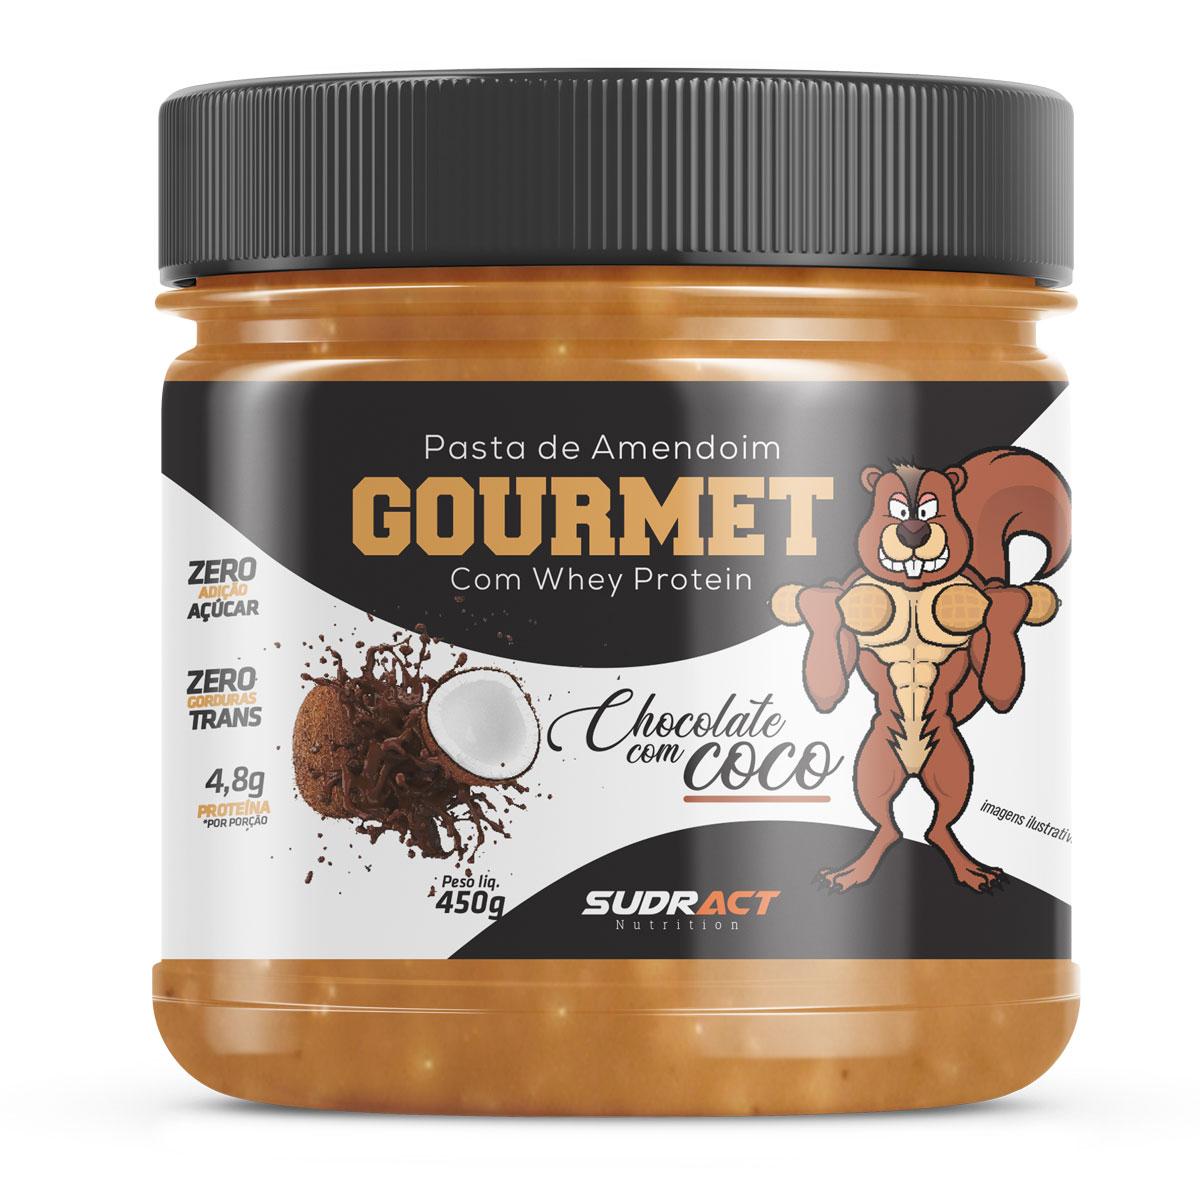 Pasta de Amendoim Gourmet com Whey Protein - Zero Açúcar